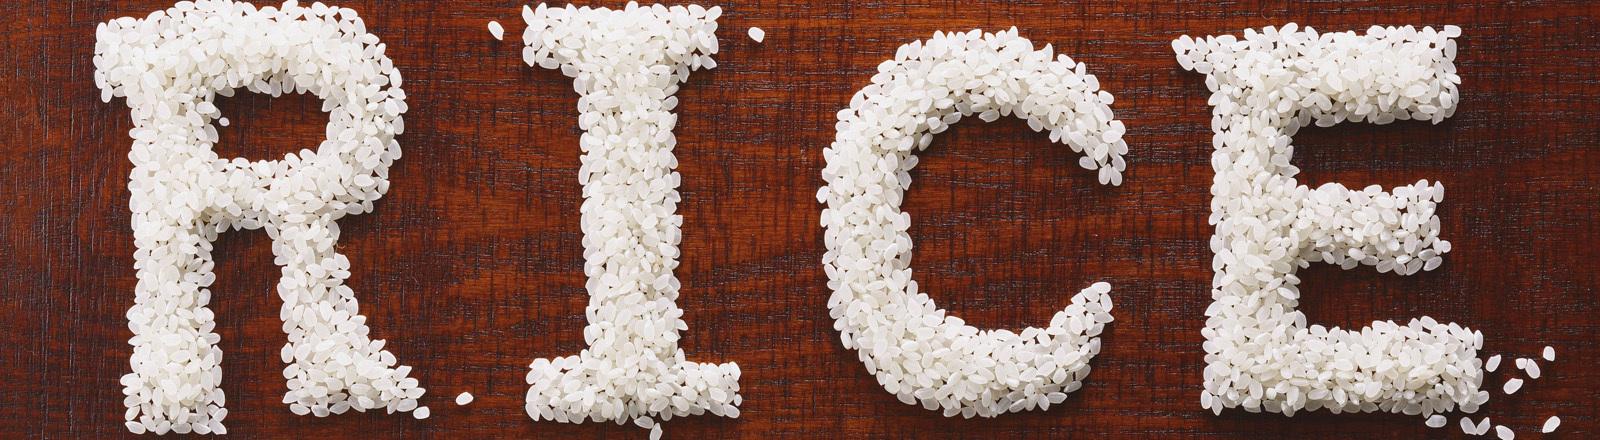 Das Englische Wort für Reis in Reiskörnen verfasst.